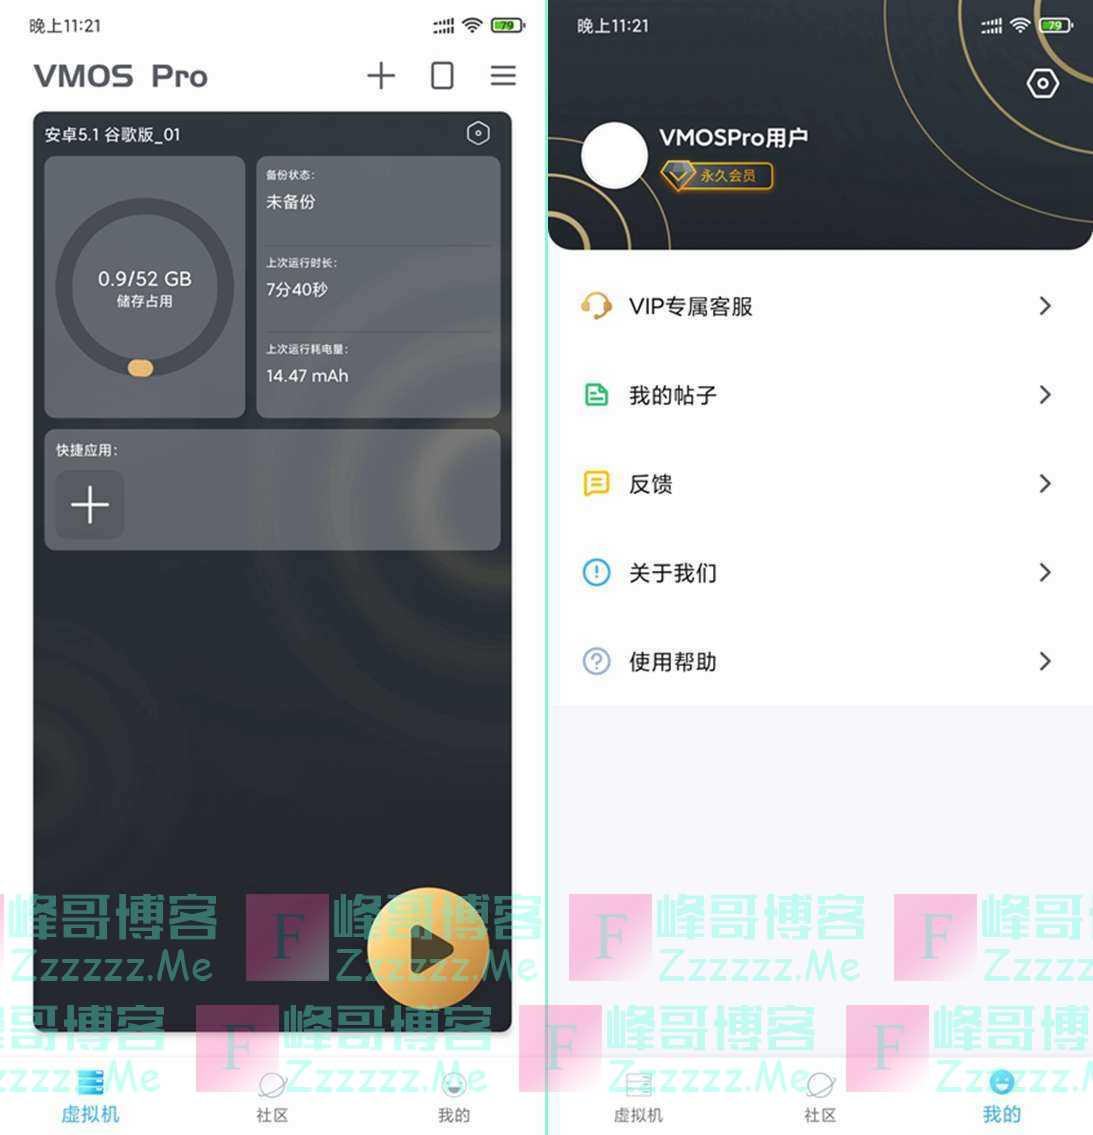 安卓VMOS虚拟机V1.1.35 VMOS安卓虚拟机Pro专业破解版下载